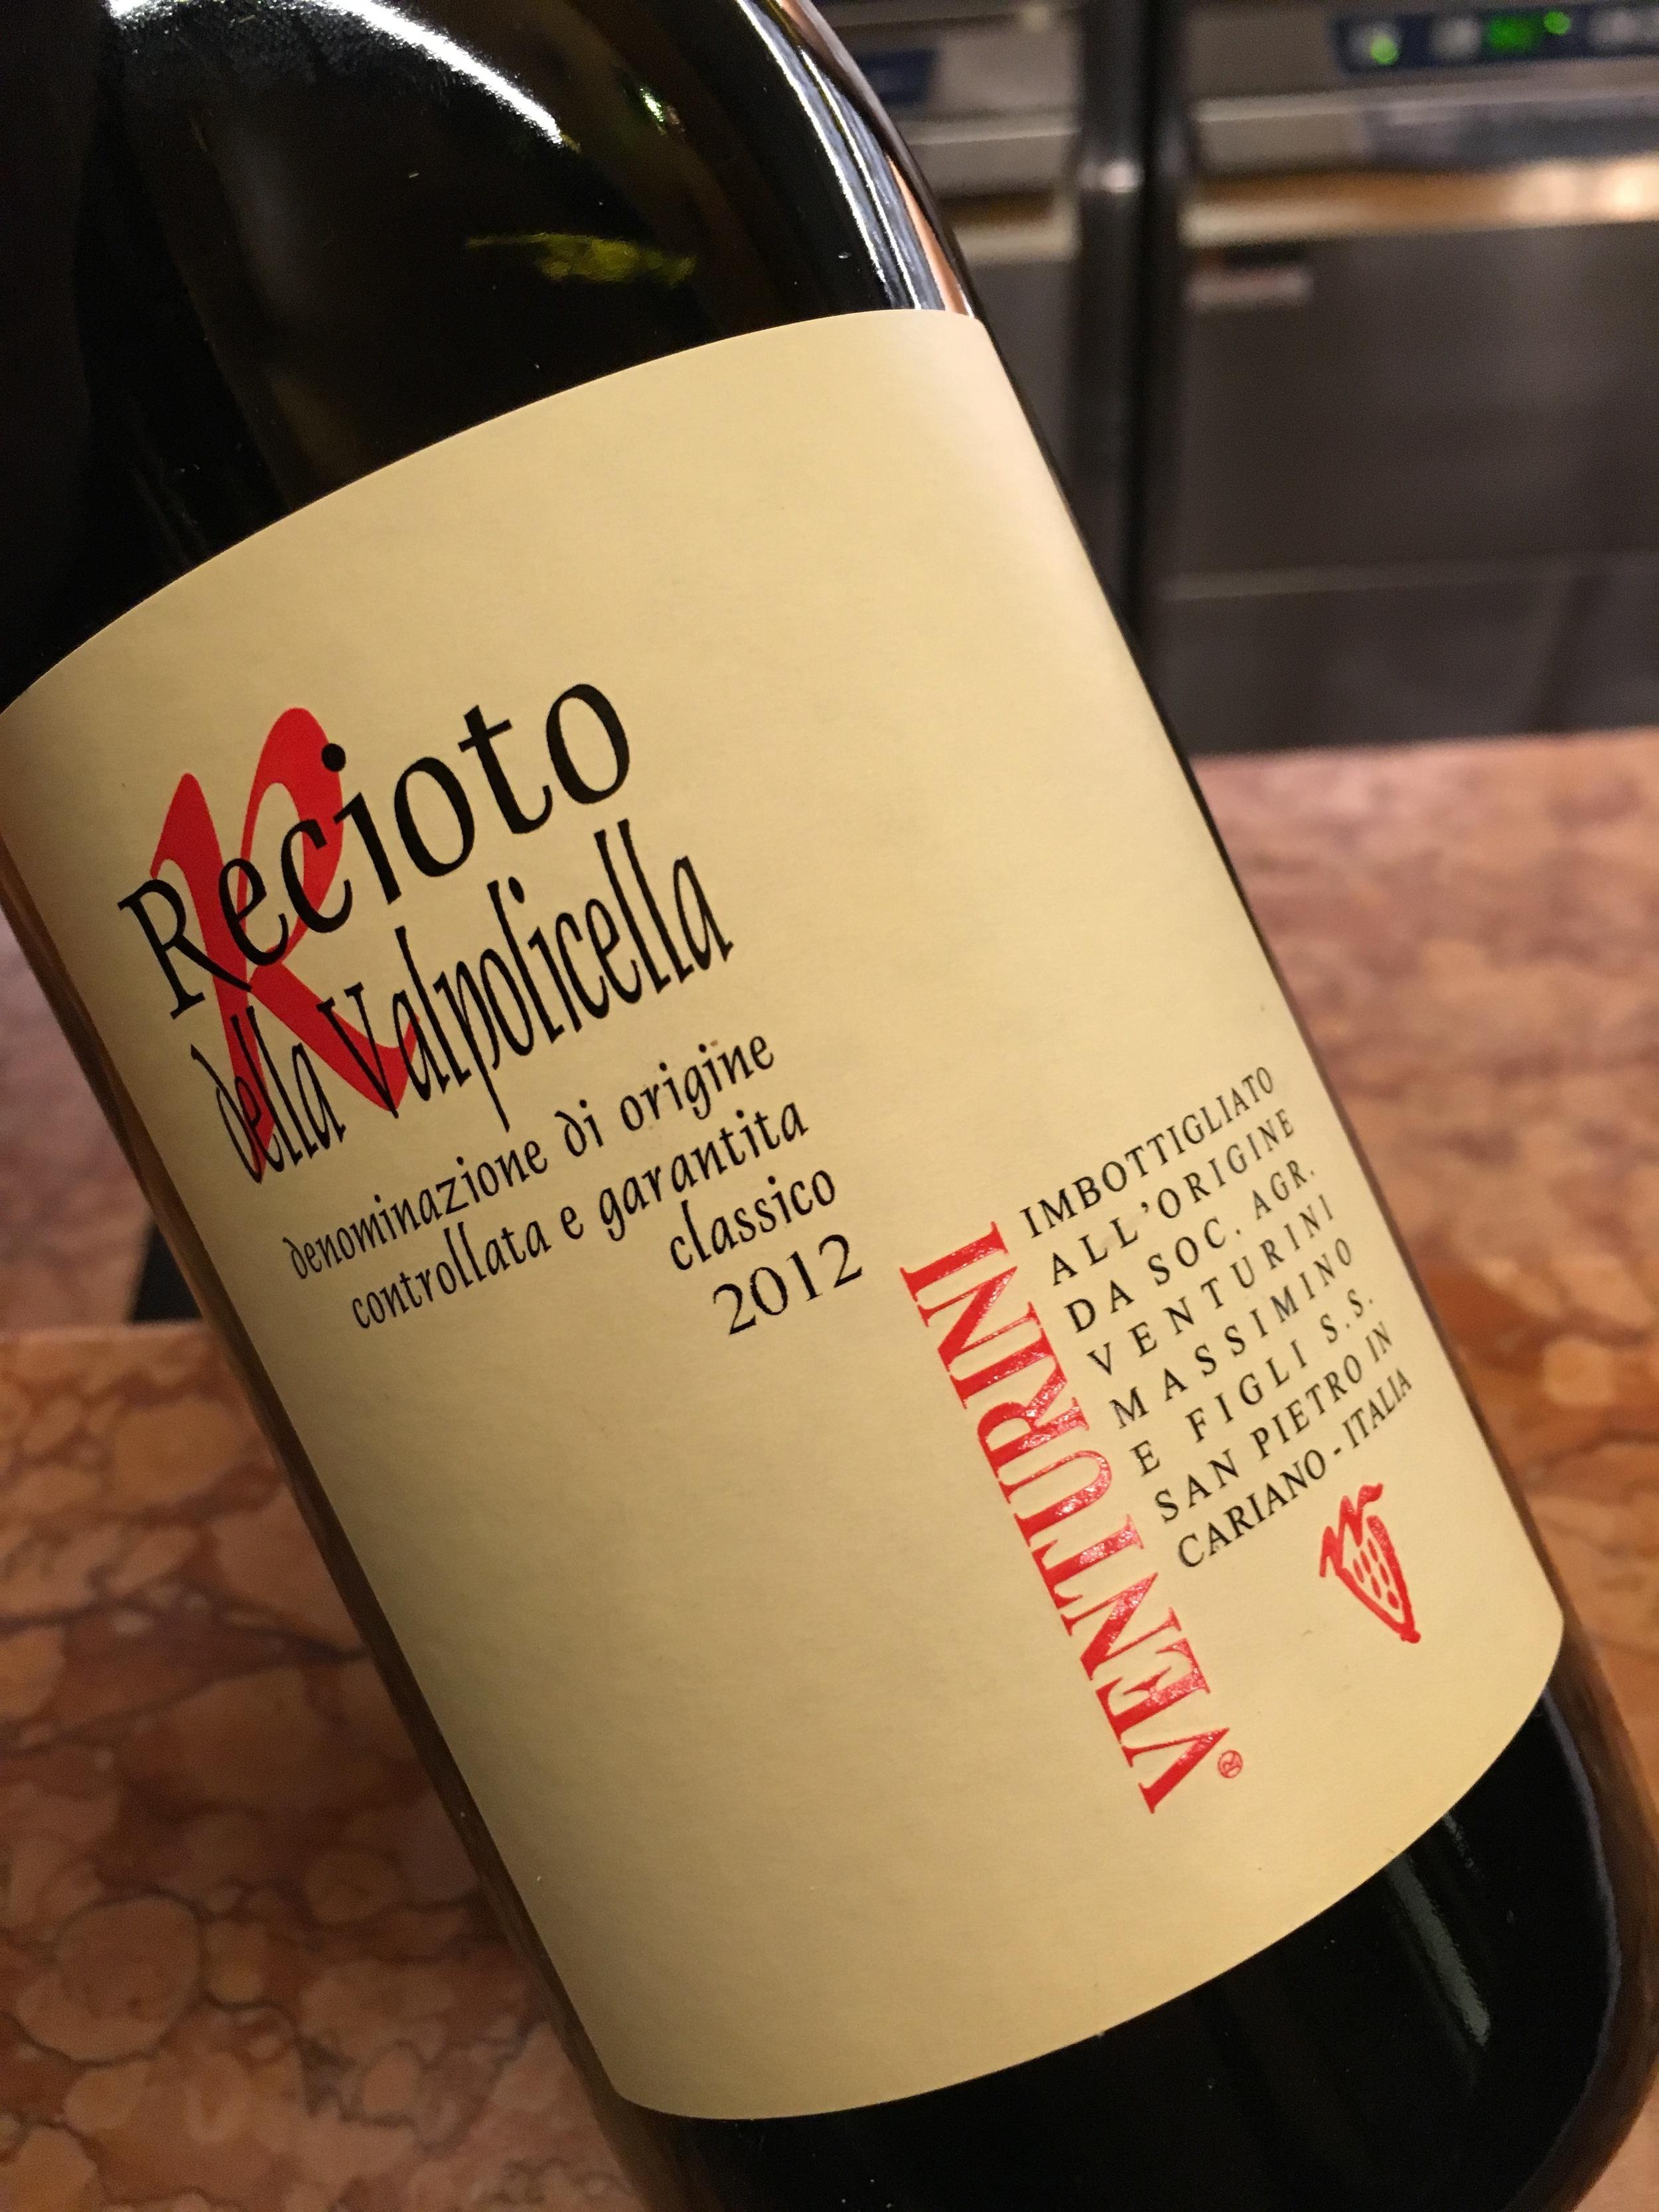 Recioto Valpolicella 2012, Venturini out of Cariano